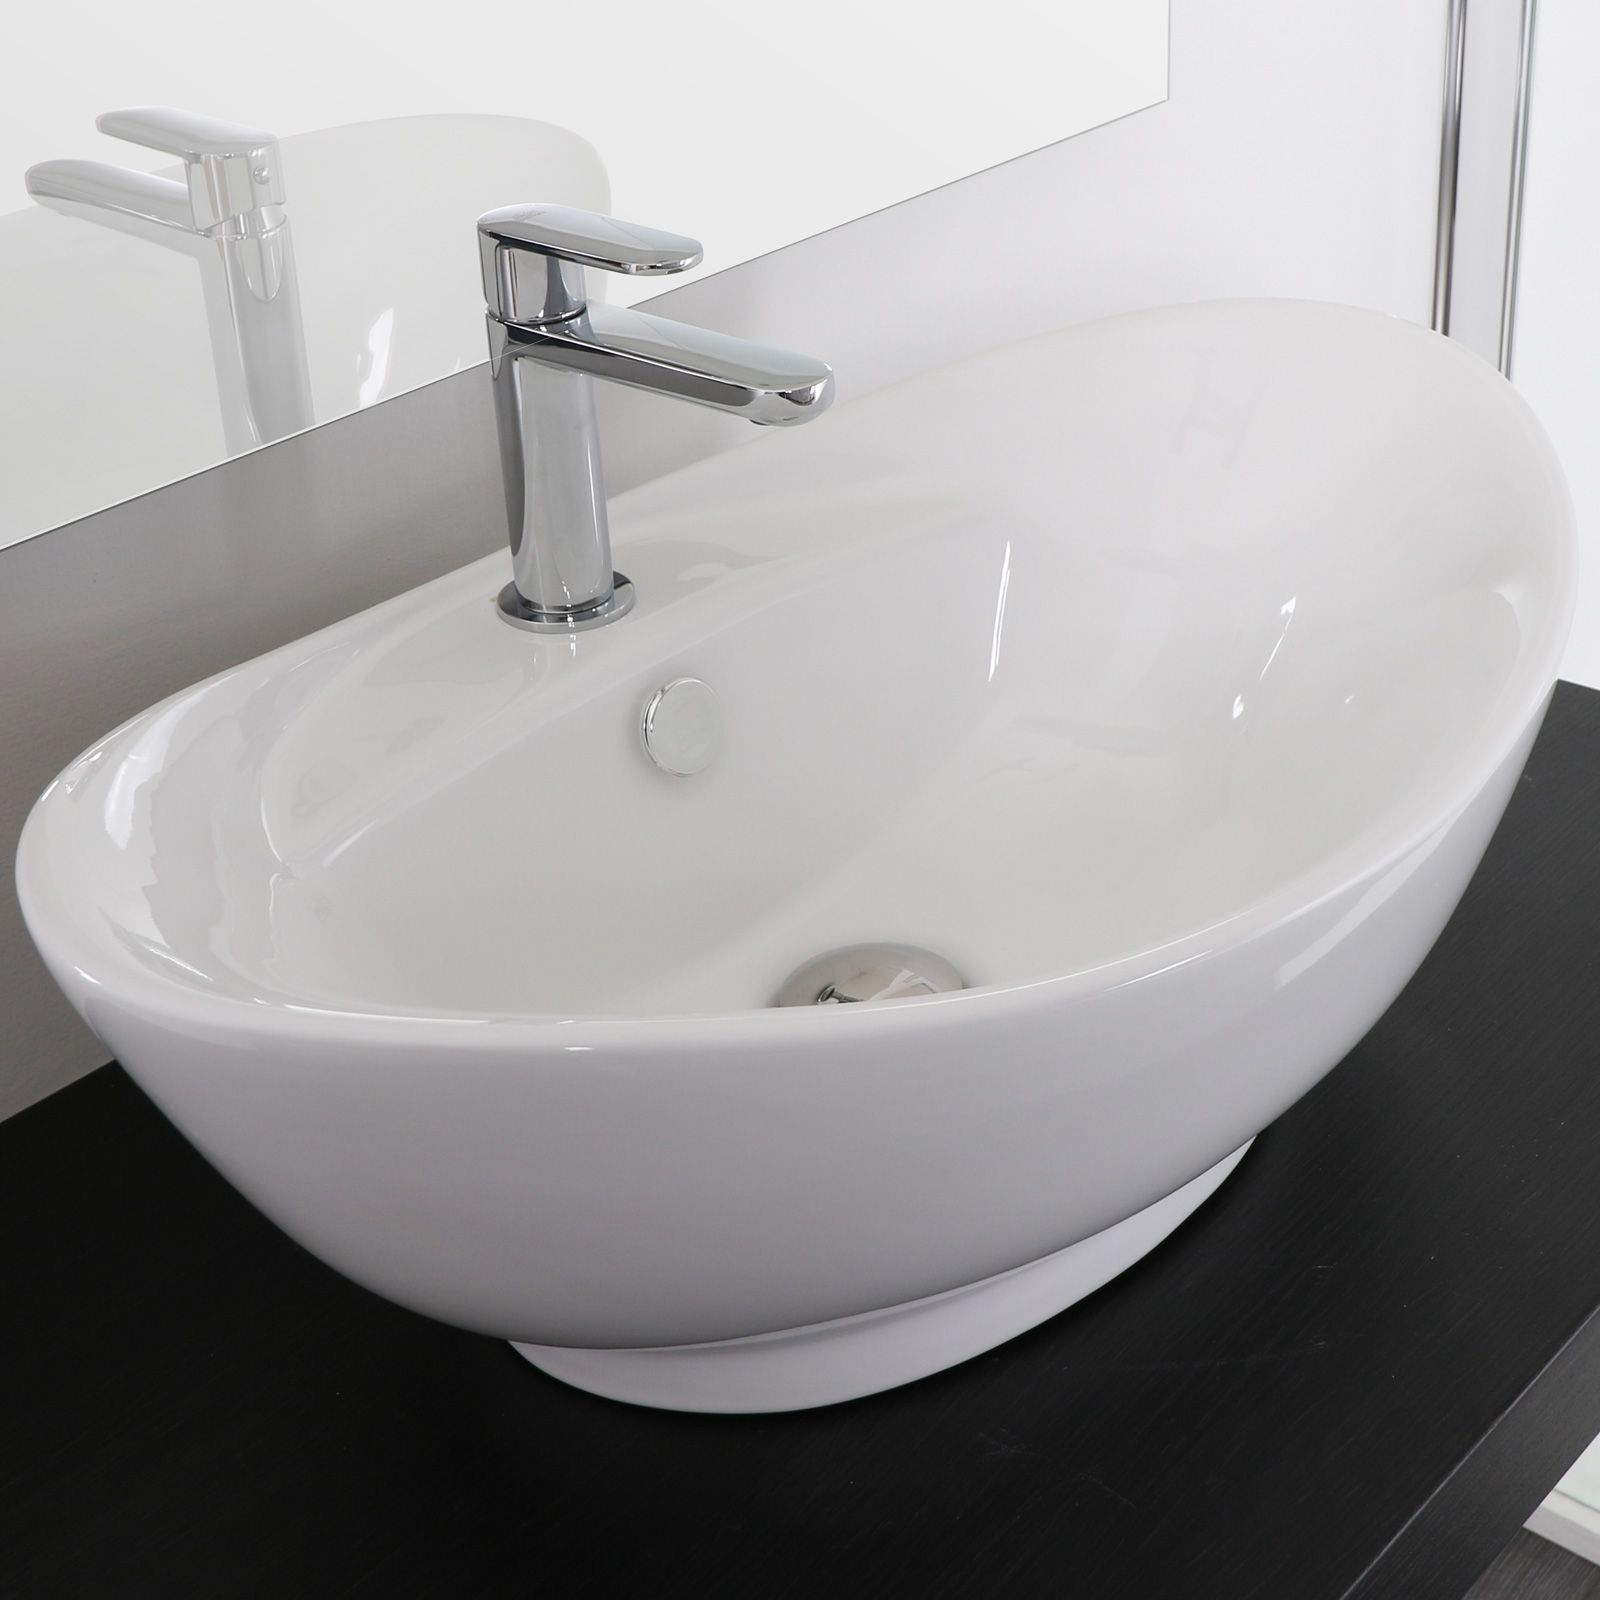 Lavabo da appoggio ovale 59x39 60x37 in ceramica bianco o for Lavabo da appoggio misure